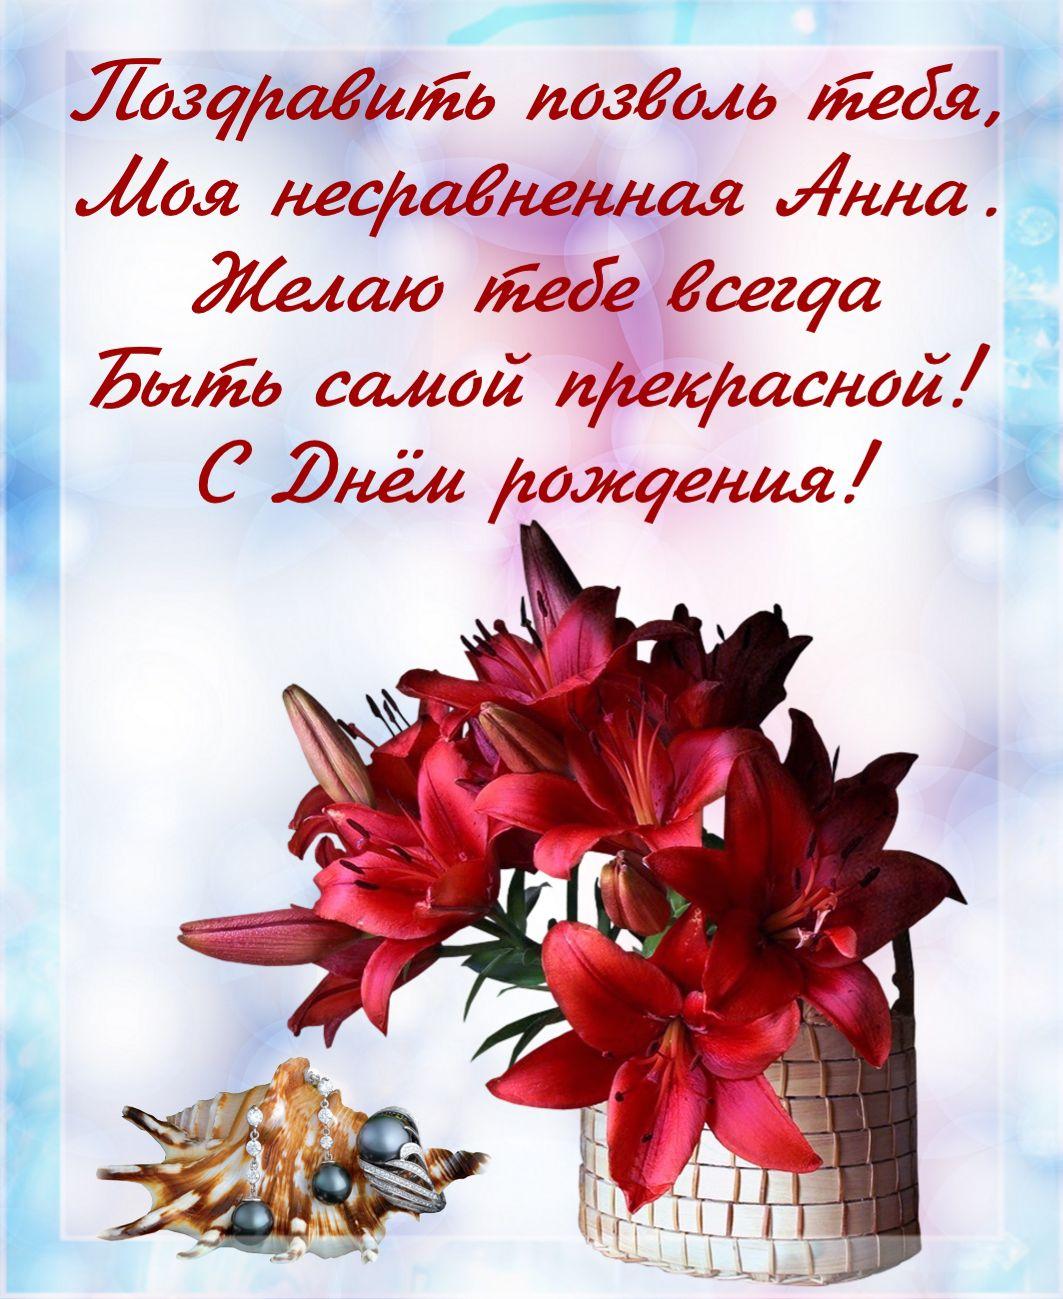 С днем рождения анна поздравления женщине